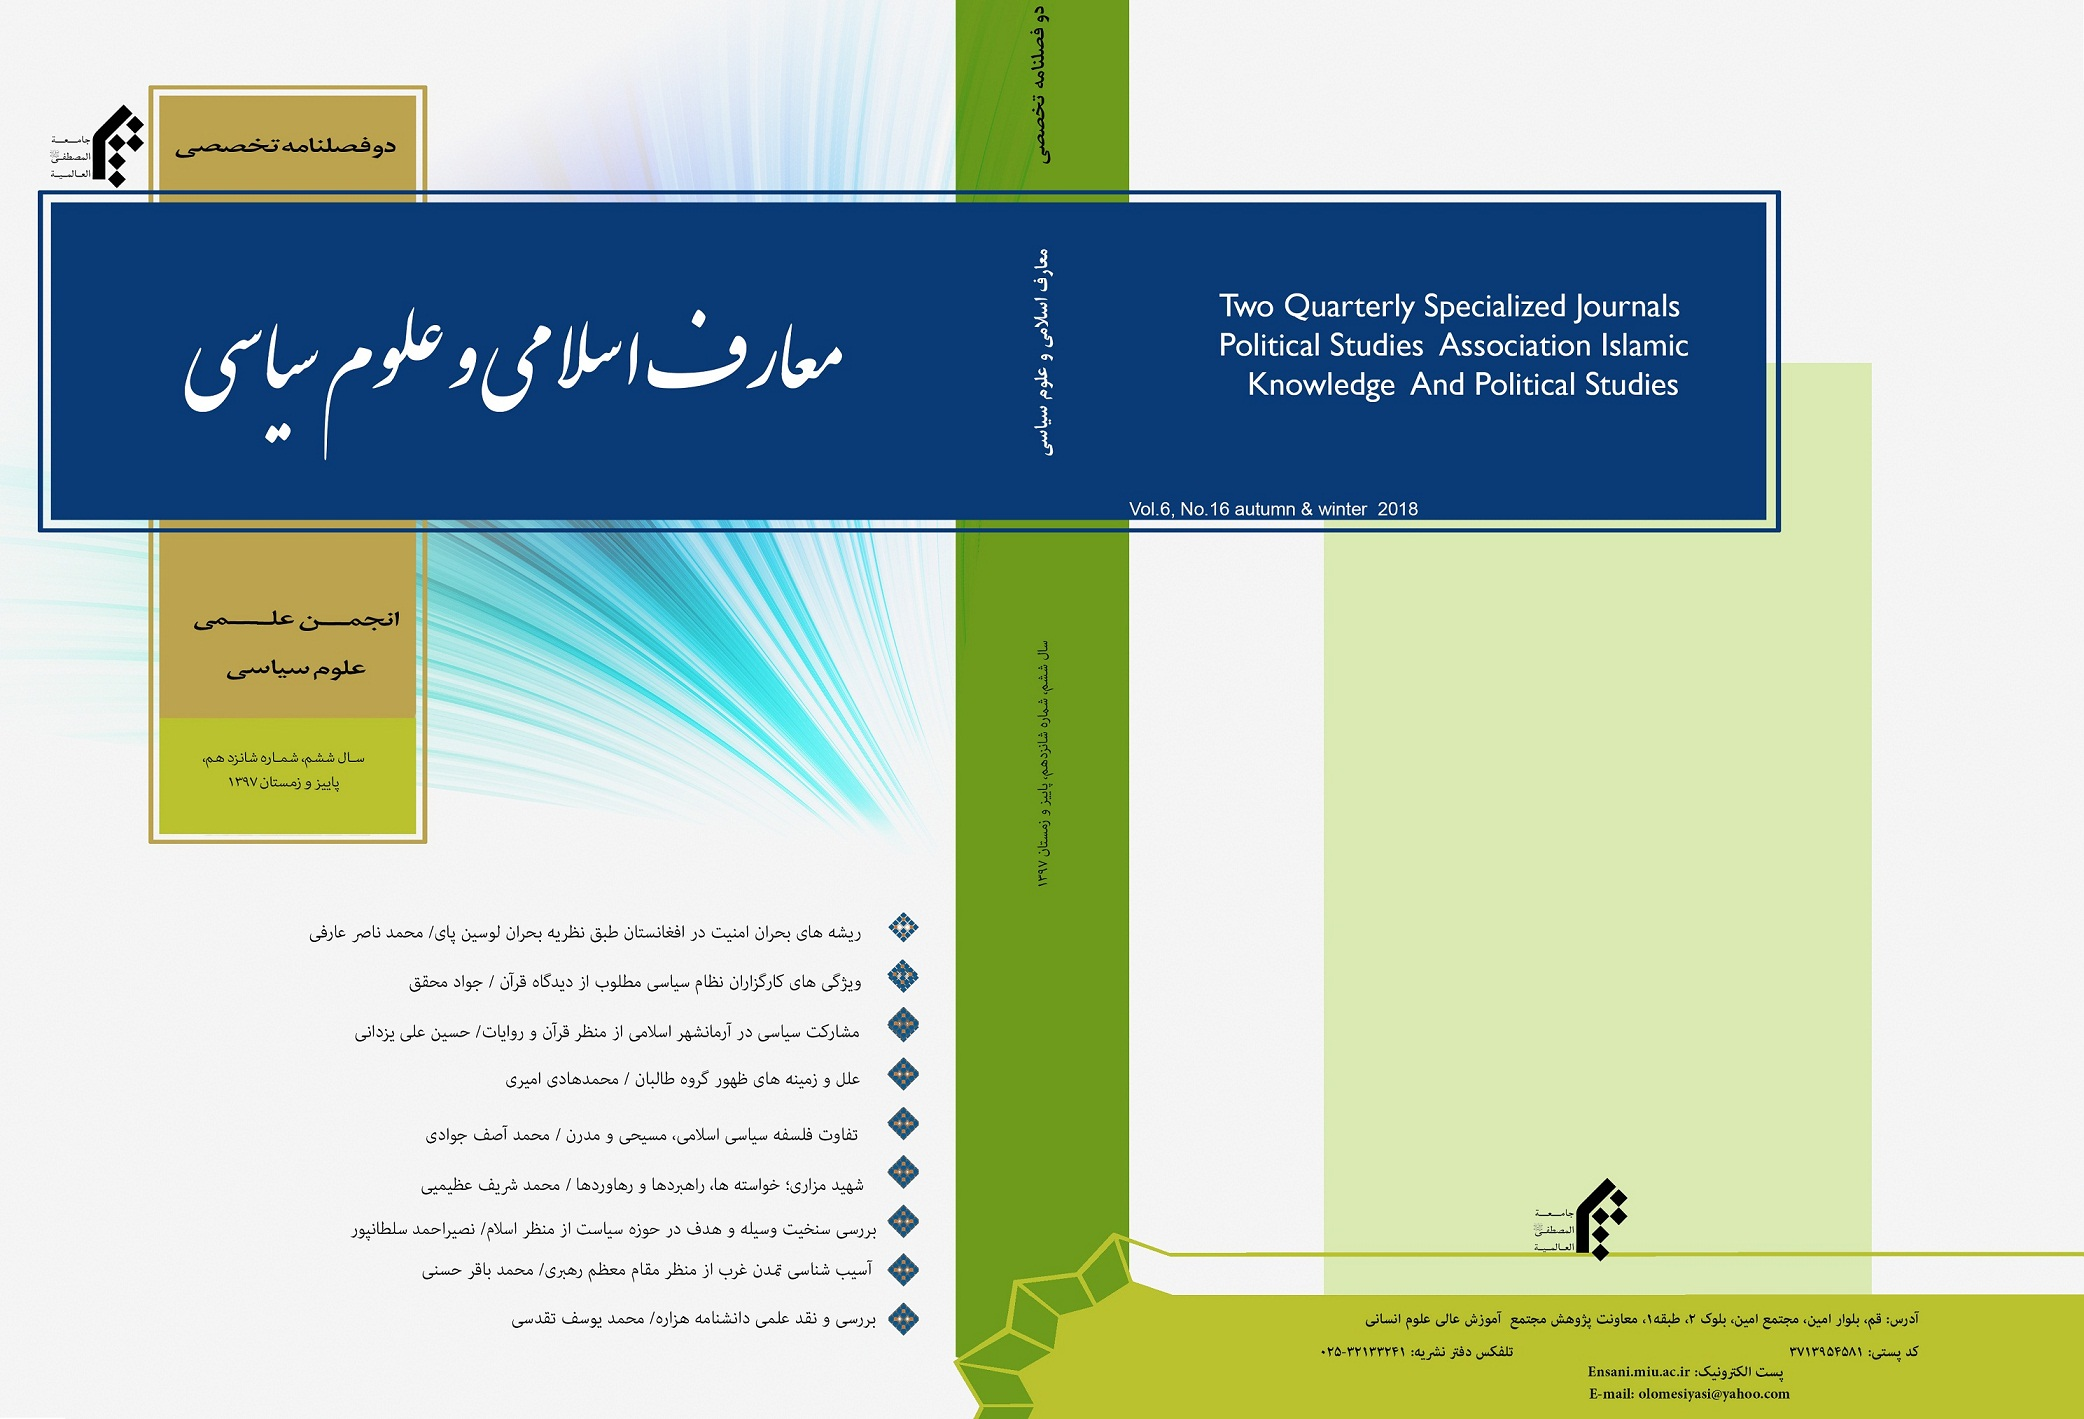 معارف اسلامی و علوم سیاسی